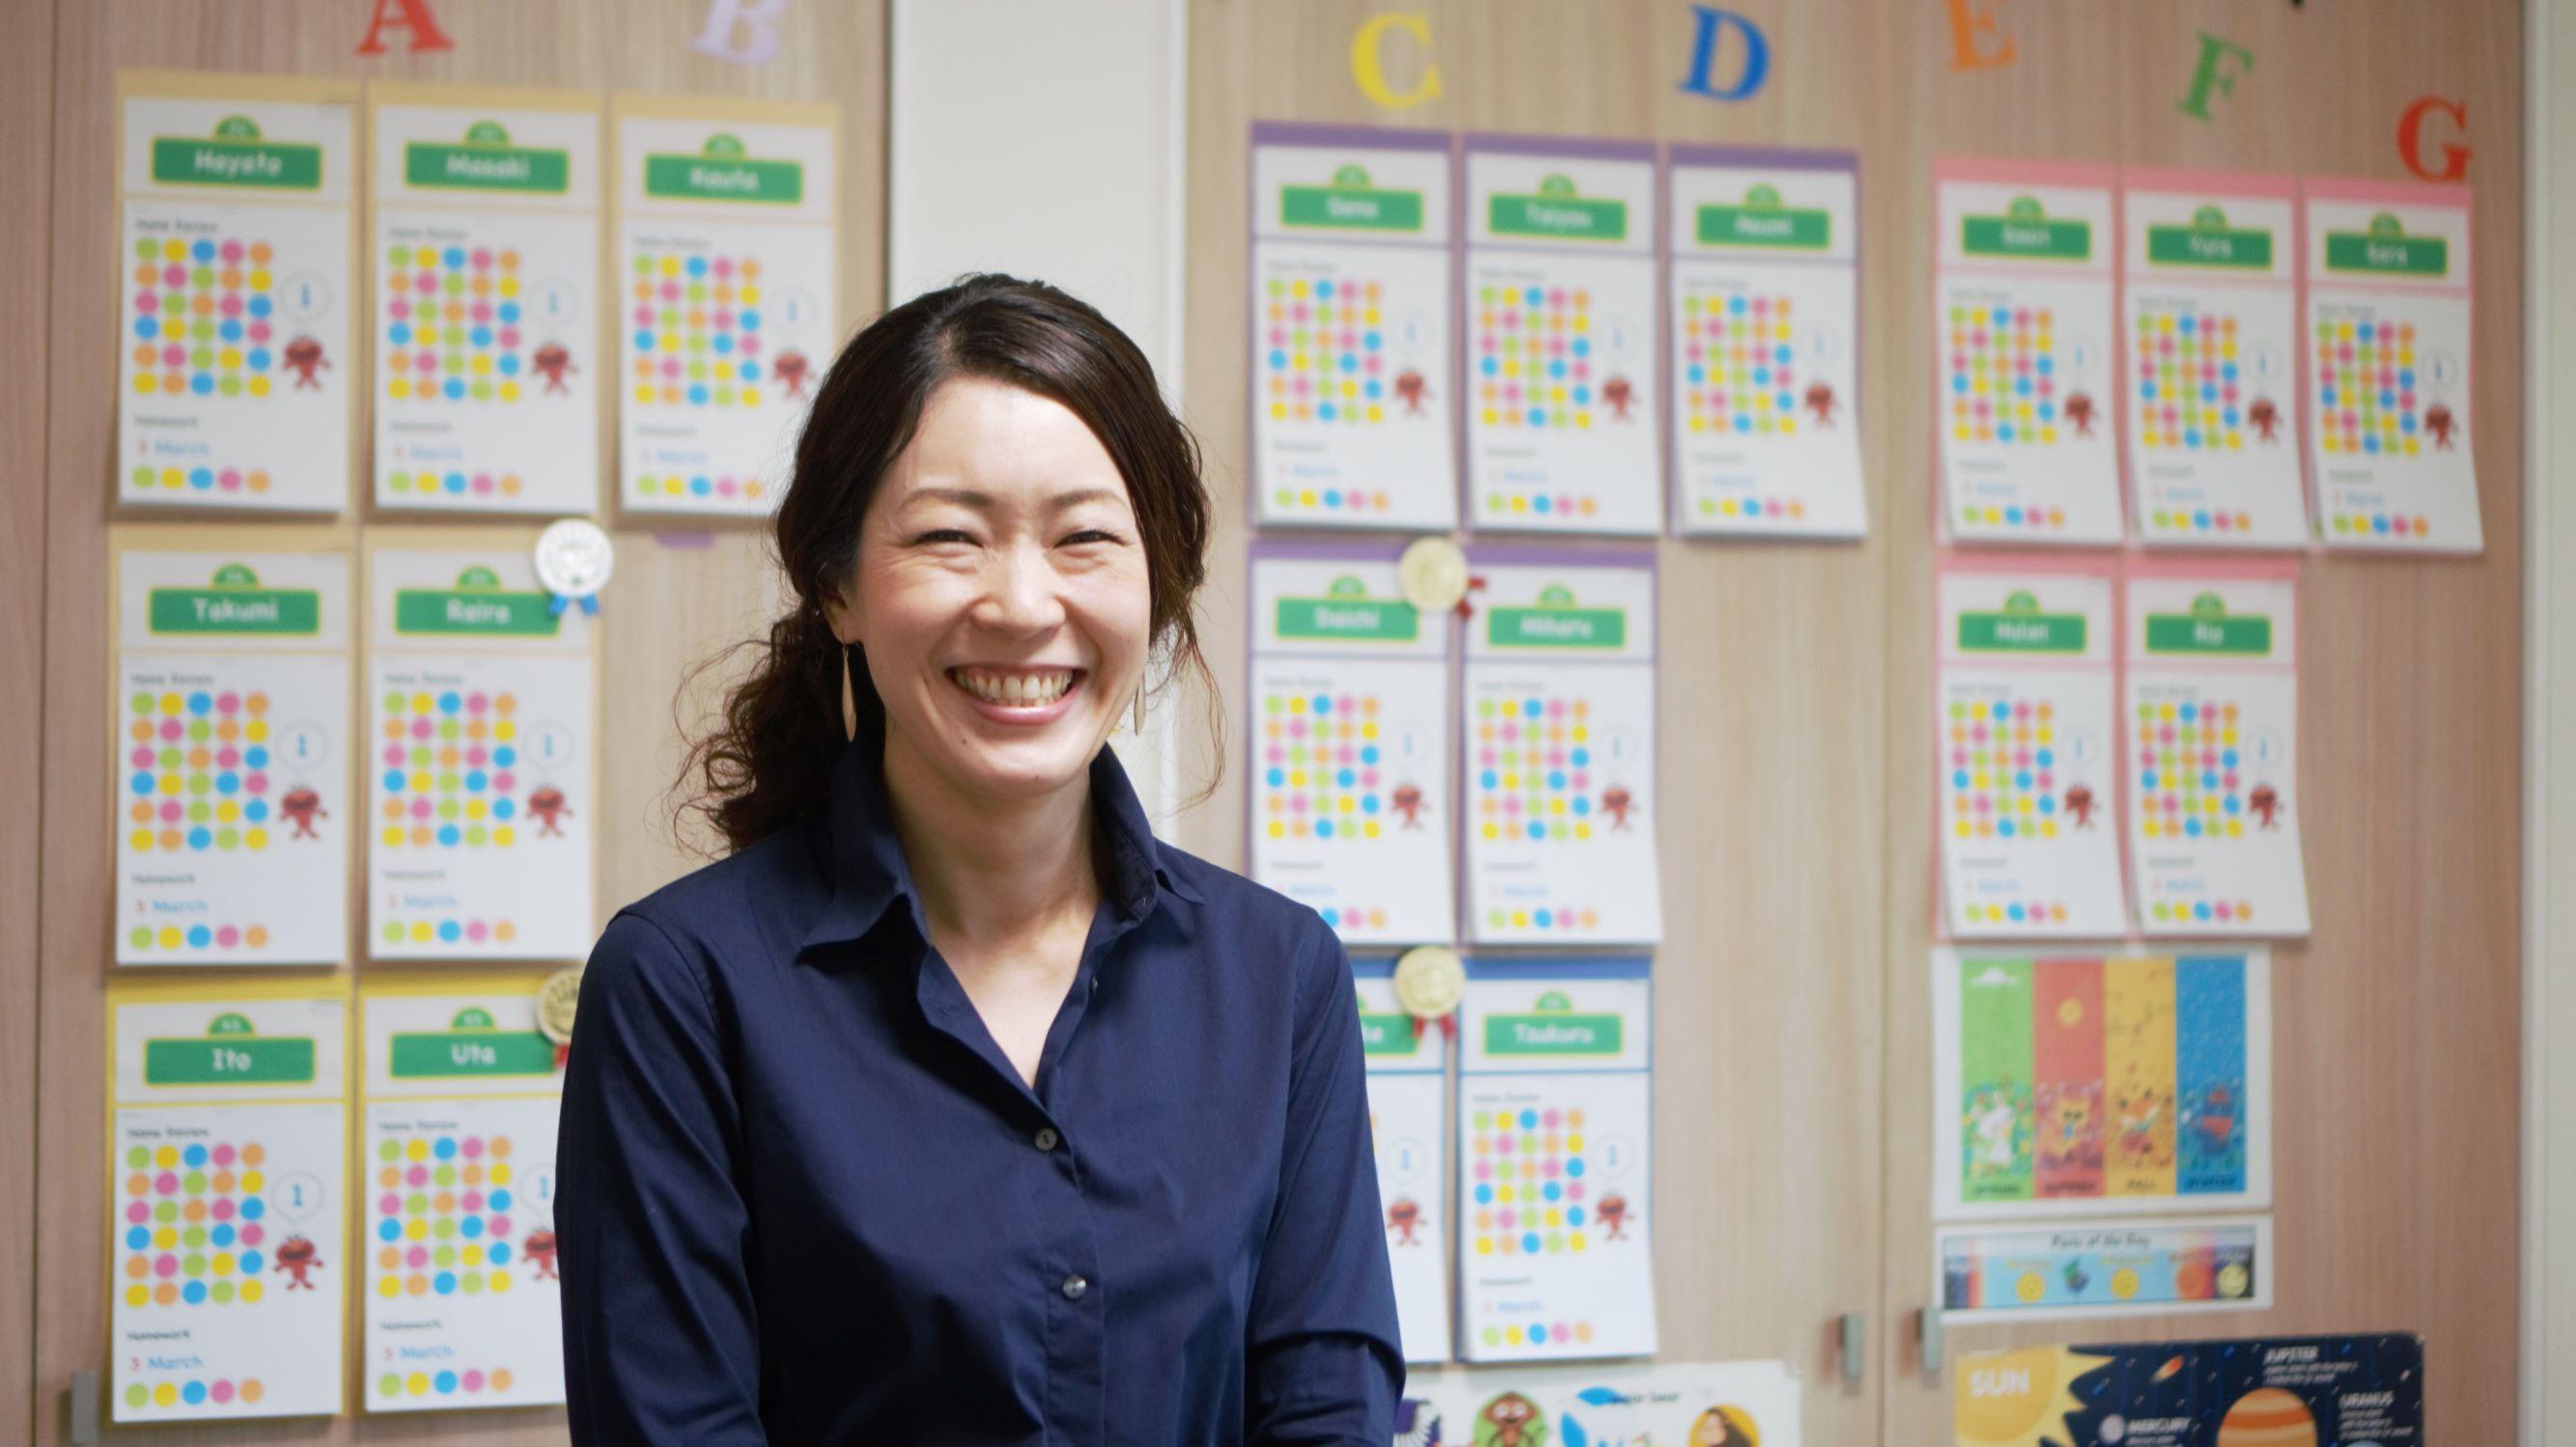 10-14時は大人/15-18時は子供に英語を教えて時間を有効活用する働き方